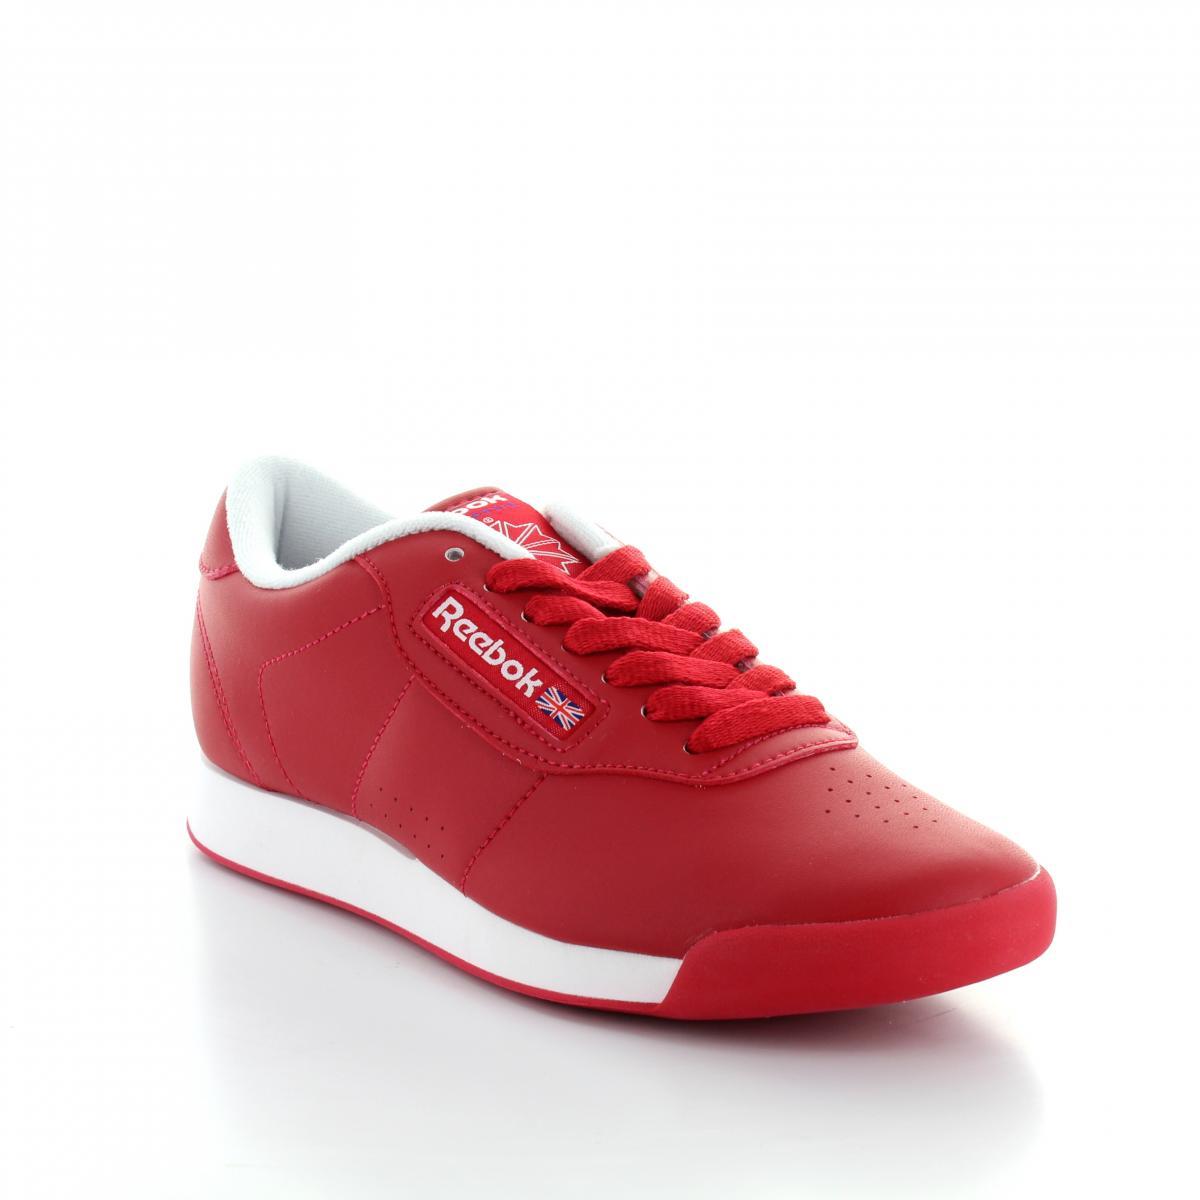 dcc8df3f16d59 Tenis marca Reebok modelo V68704 Color Rojo